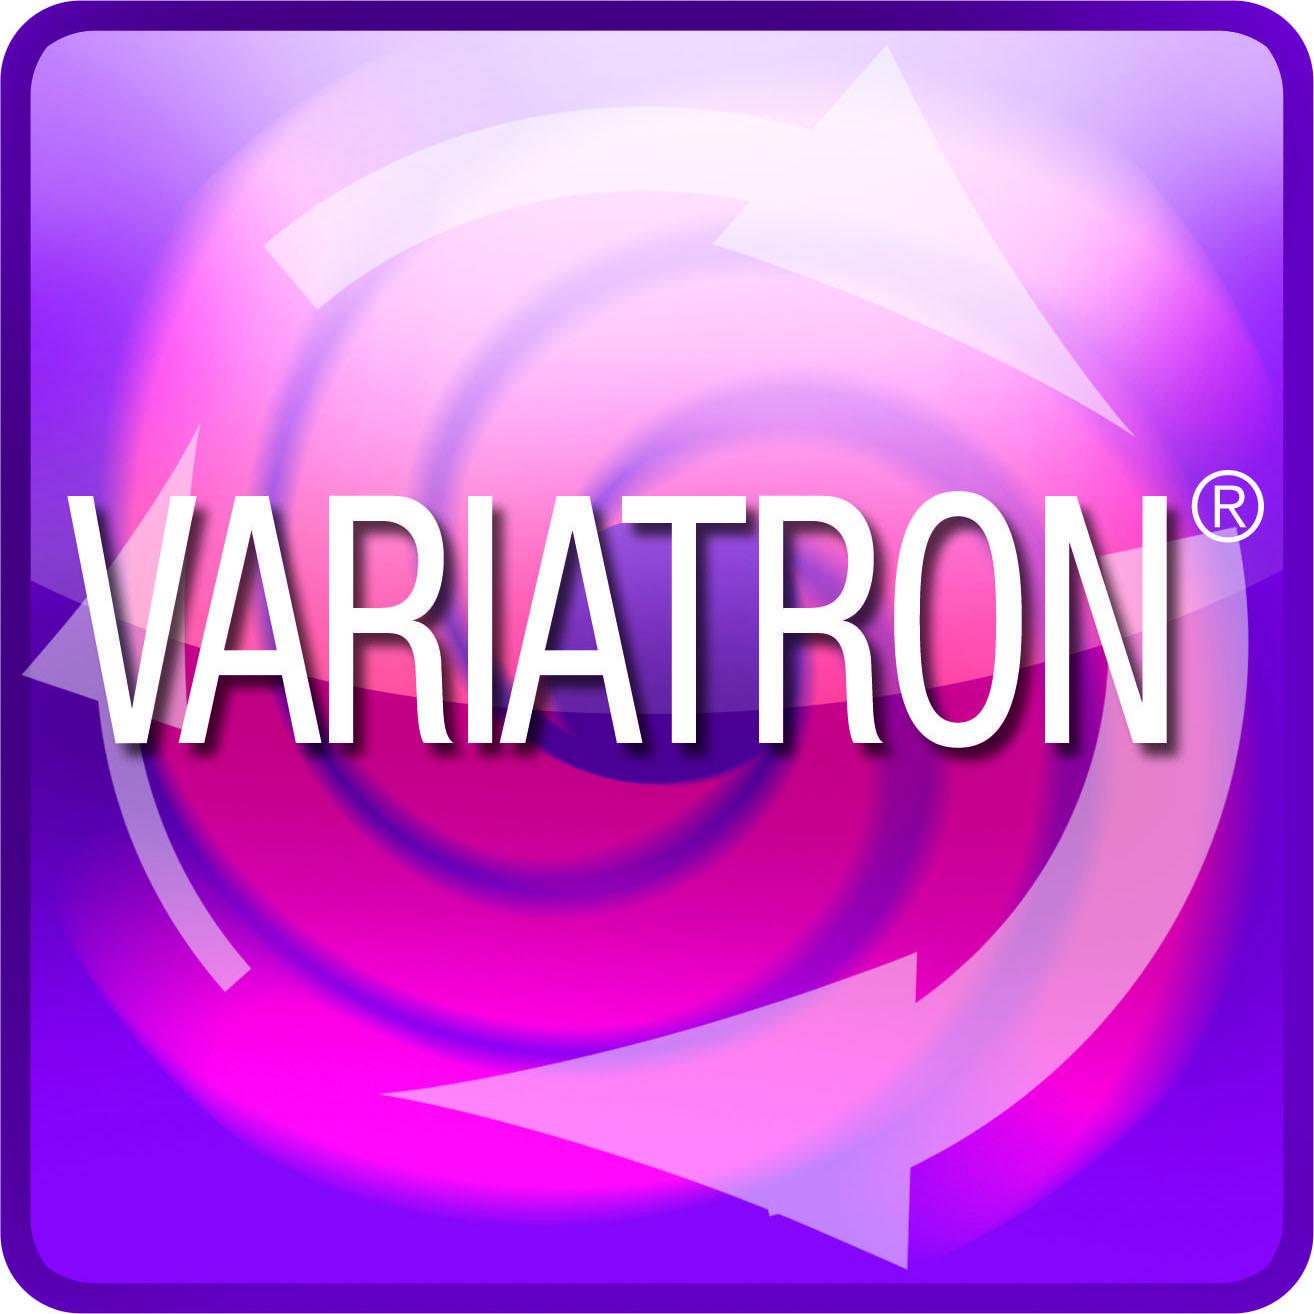 variatron-Elco-flamax-eficiencia-energetica